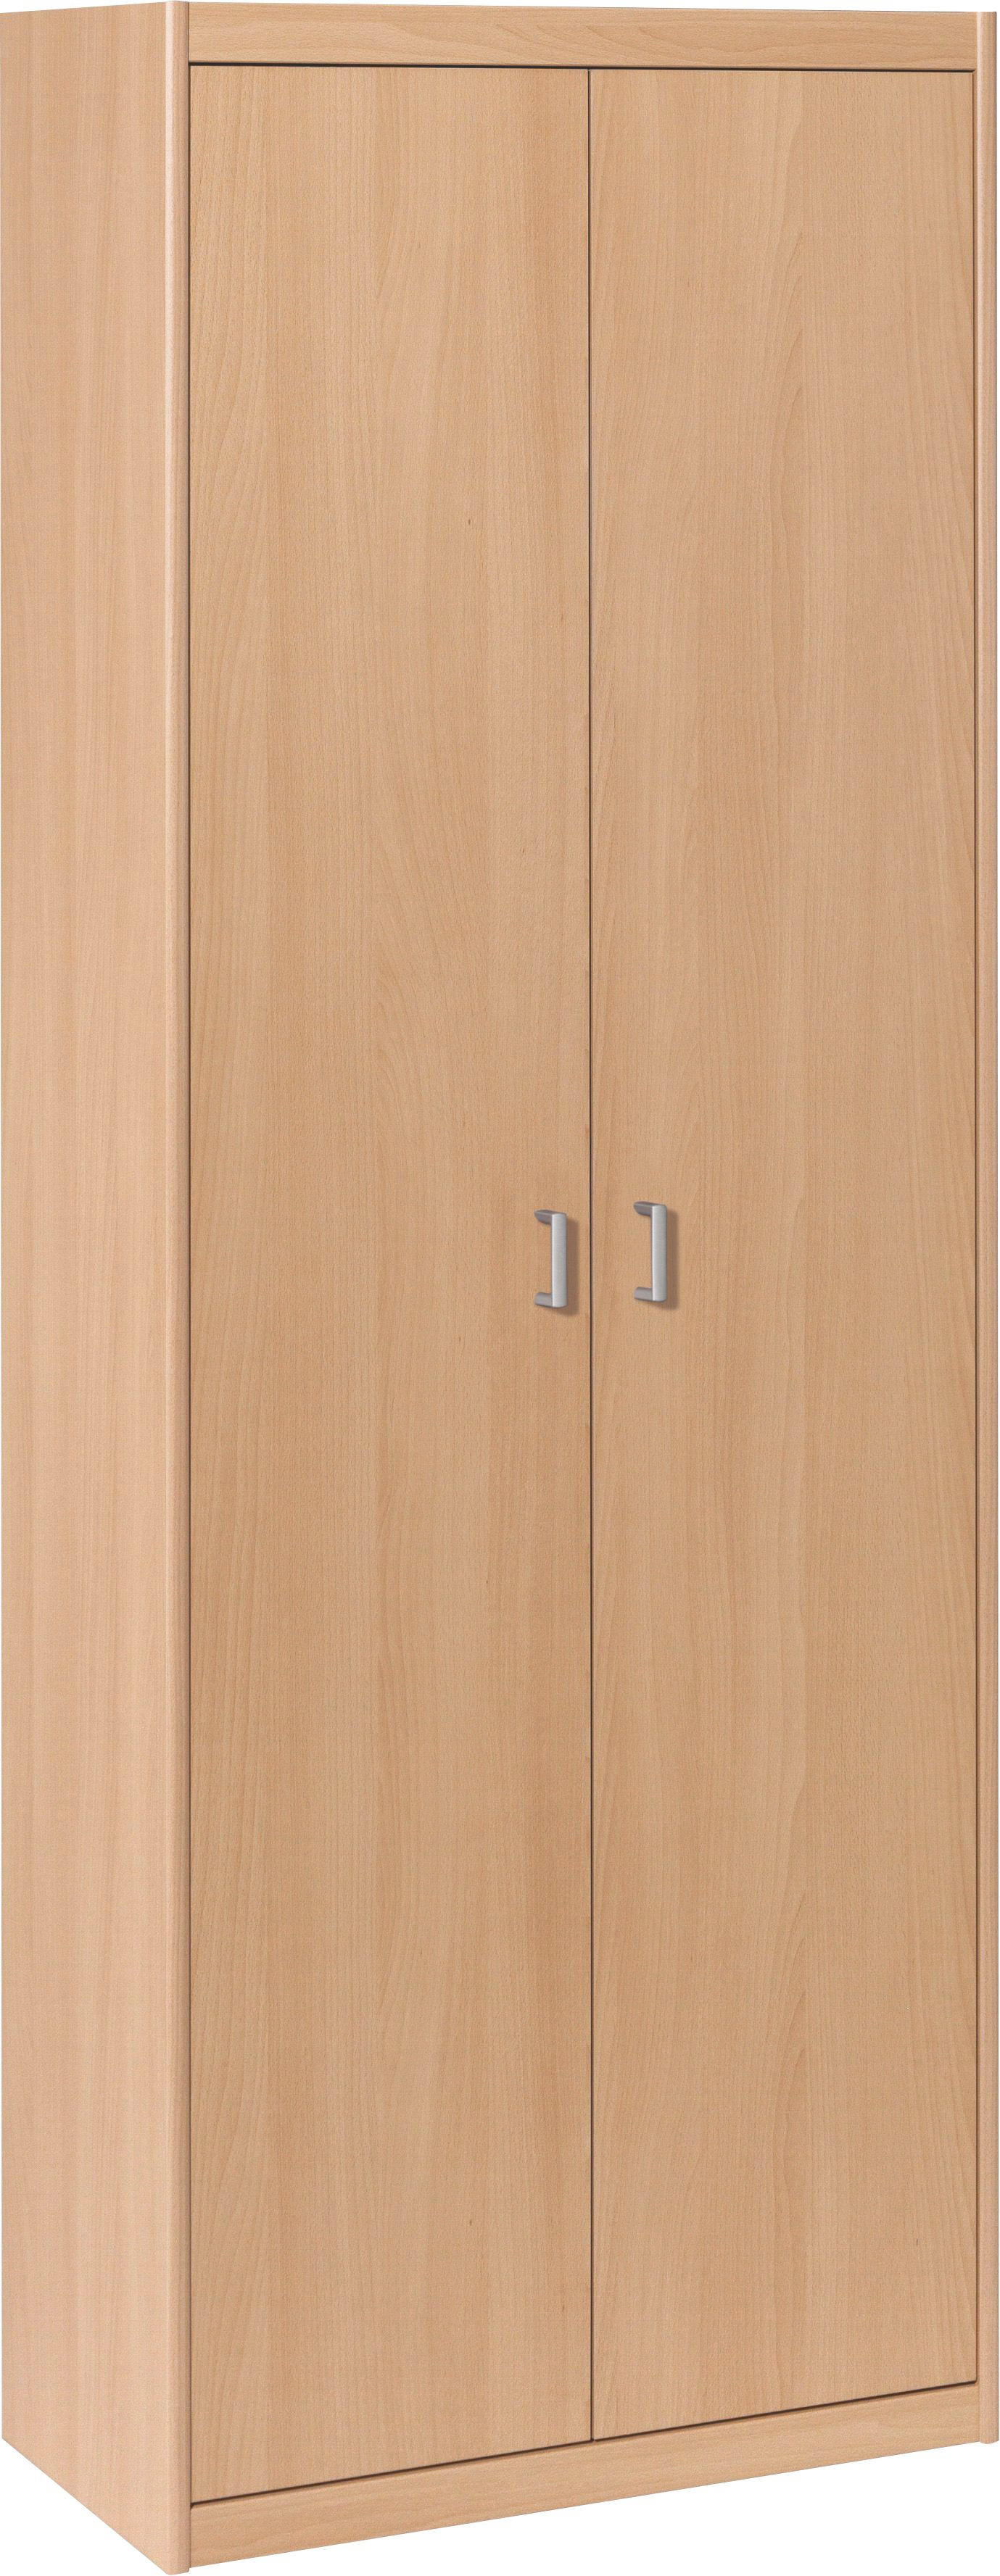 MEHRZWECKSCHRANK in Buchefarben - Buchefarben/Alufarben, KONVENTIONELL, Holzwerkstoff/Kunststoff (72/194/36cm) - CS SCHMAL